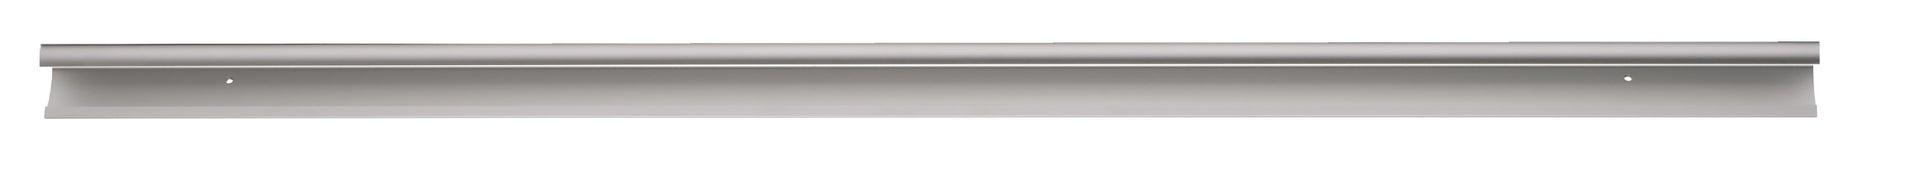 Reggimensola a binario in alluminio H 3.5 cm grigio / argento - 2